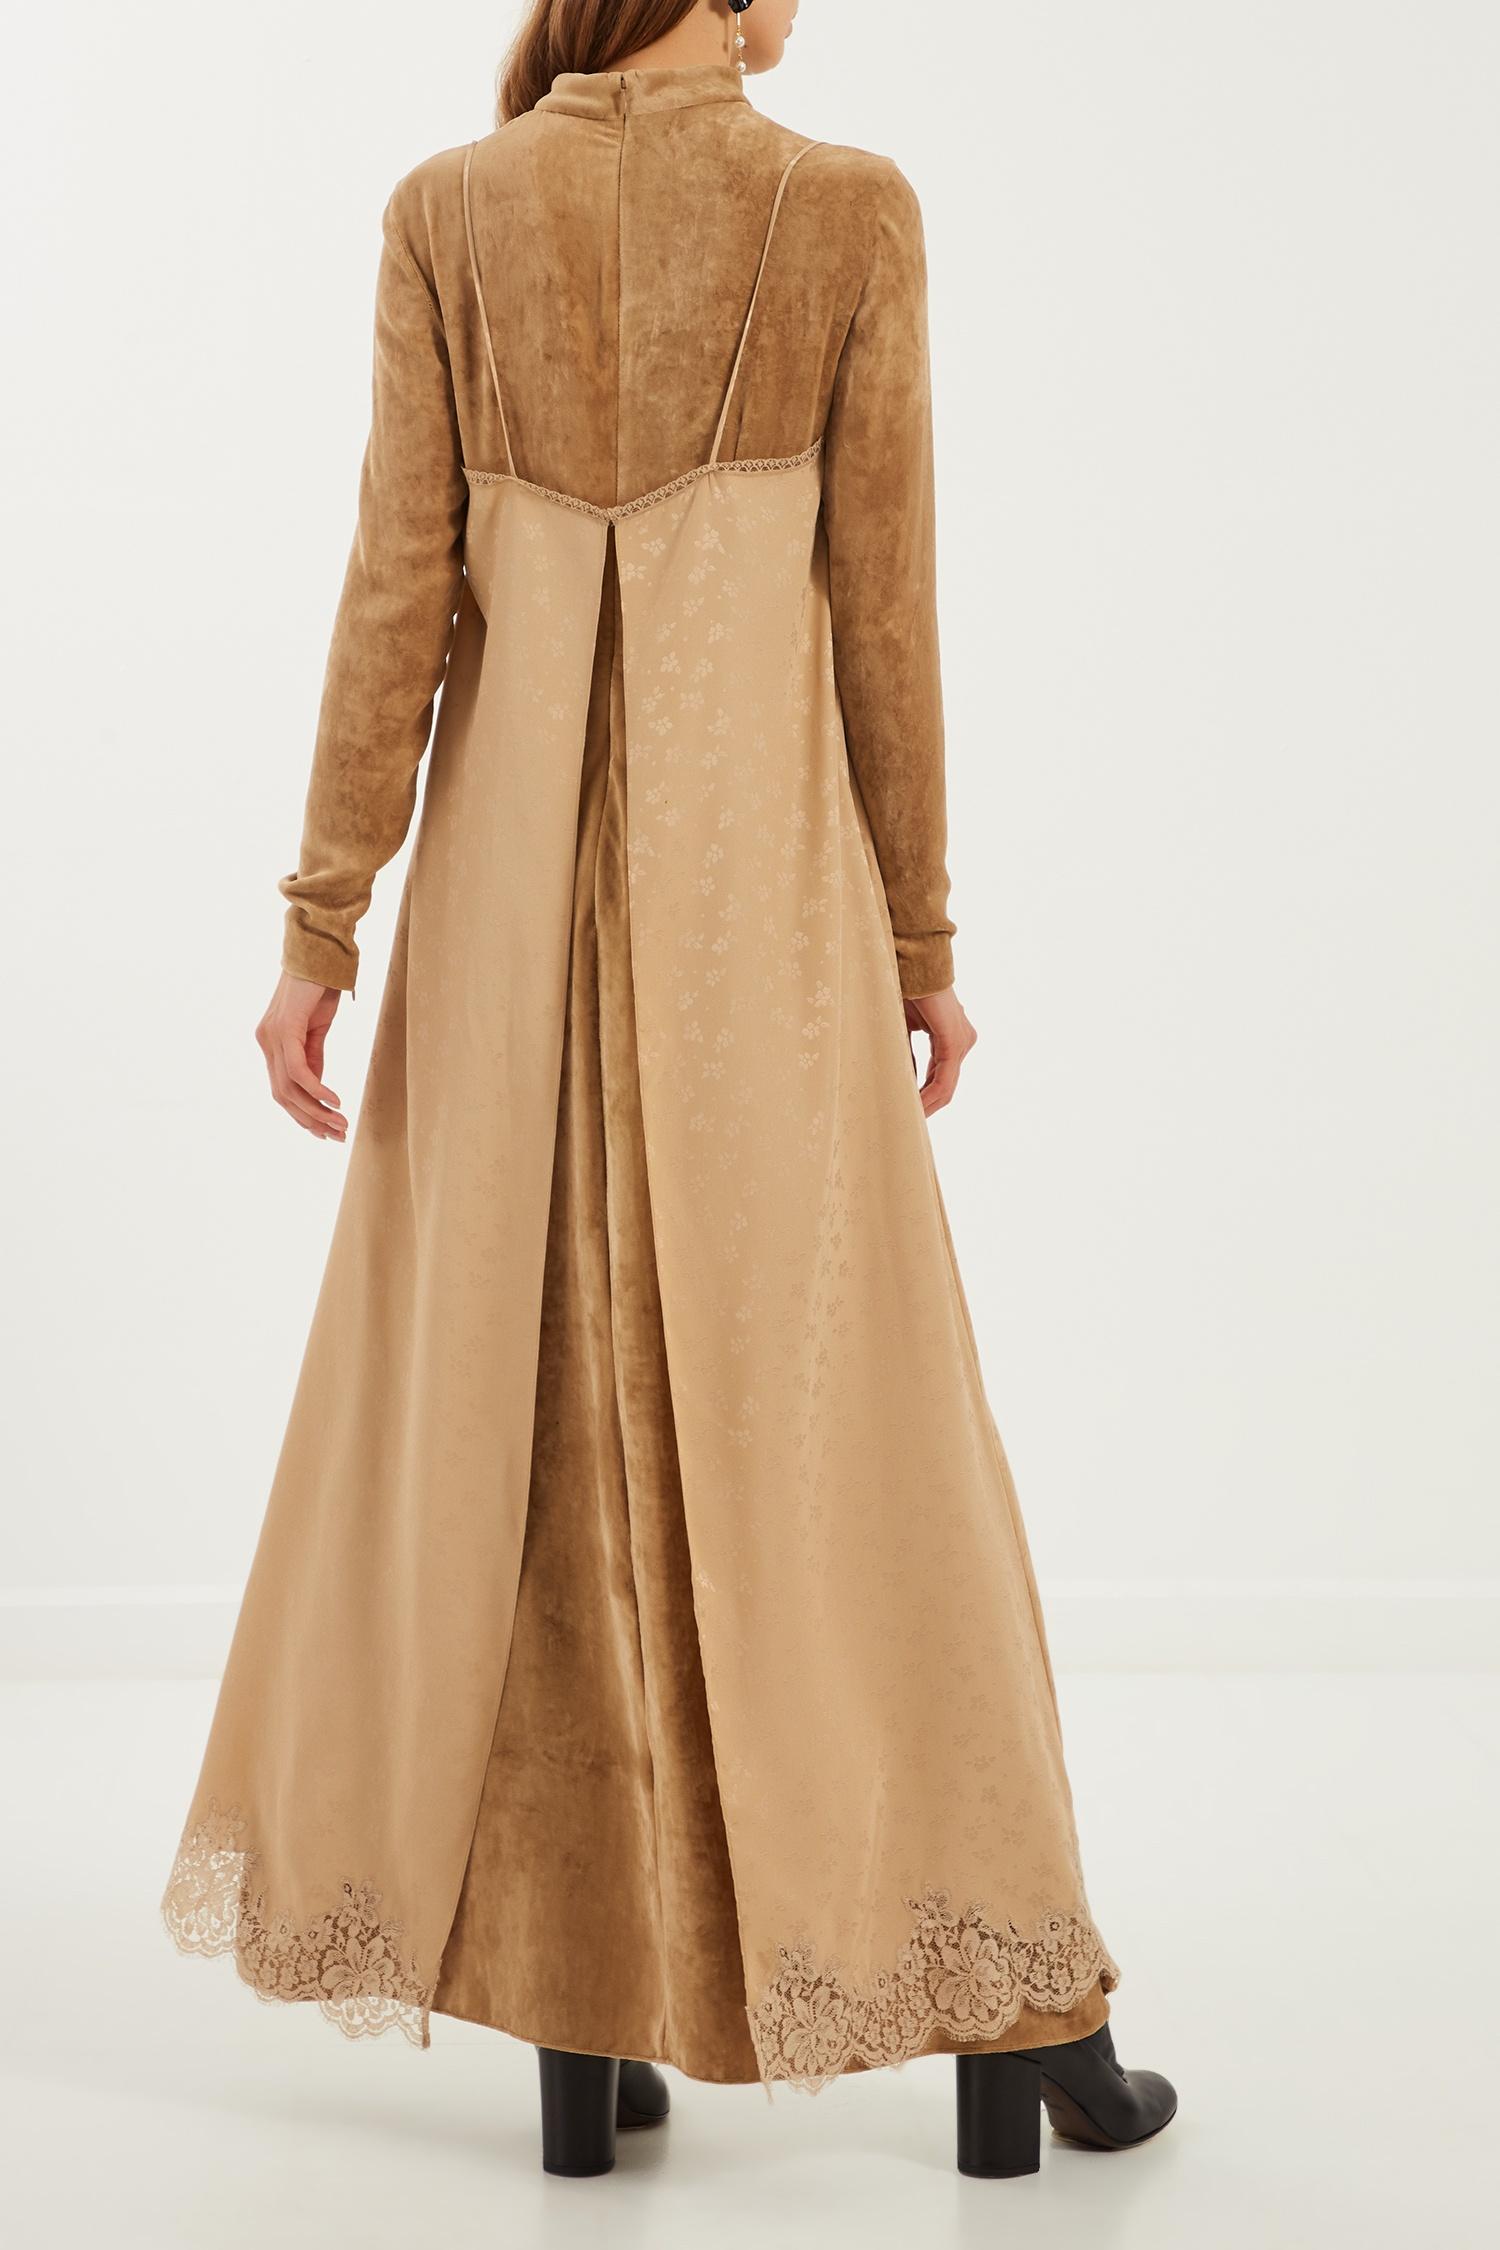 95accb79321 ... Женское · Женское Stella McCartney. Код товара  136299. Платье макси с длинными  рукавами ...